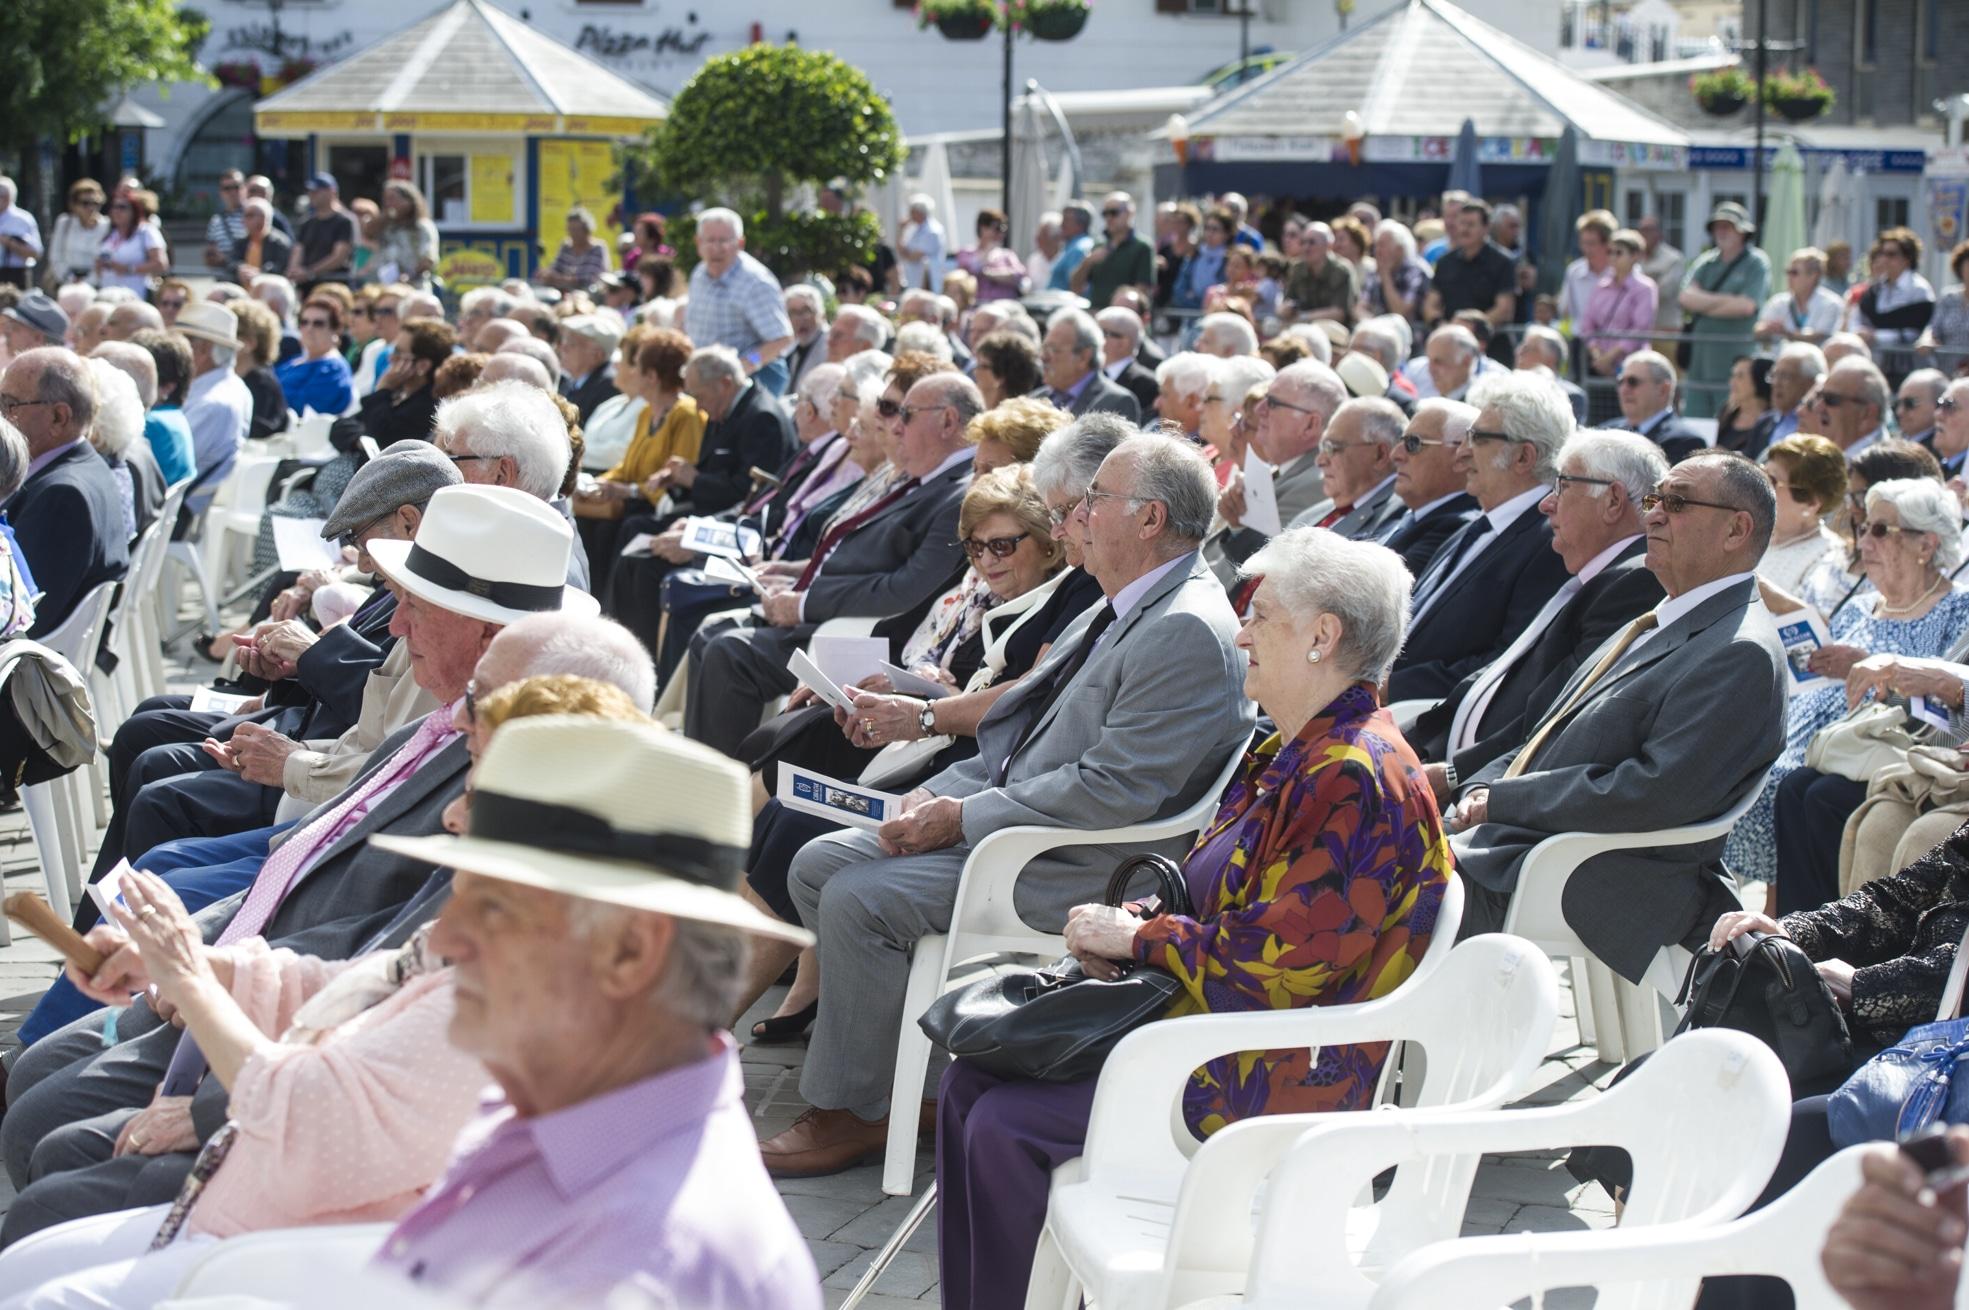 ceremonia-75-anos-evacuacion-gibraltar-22052015-14_17968762876_o